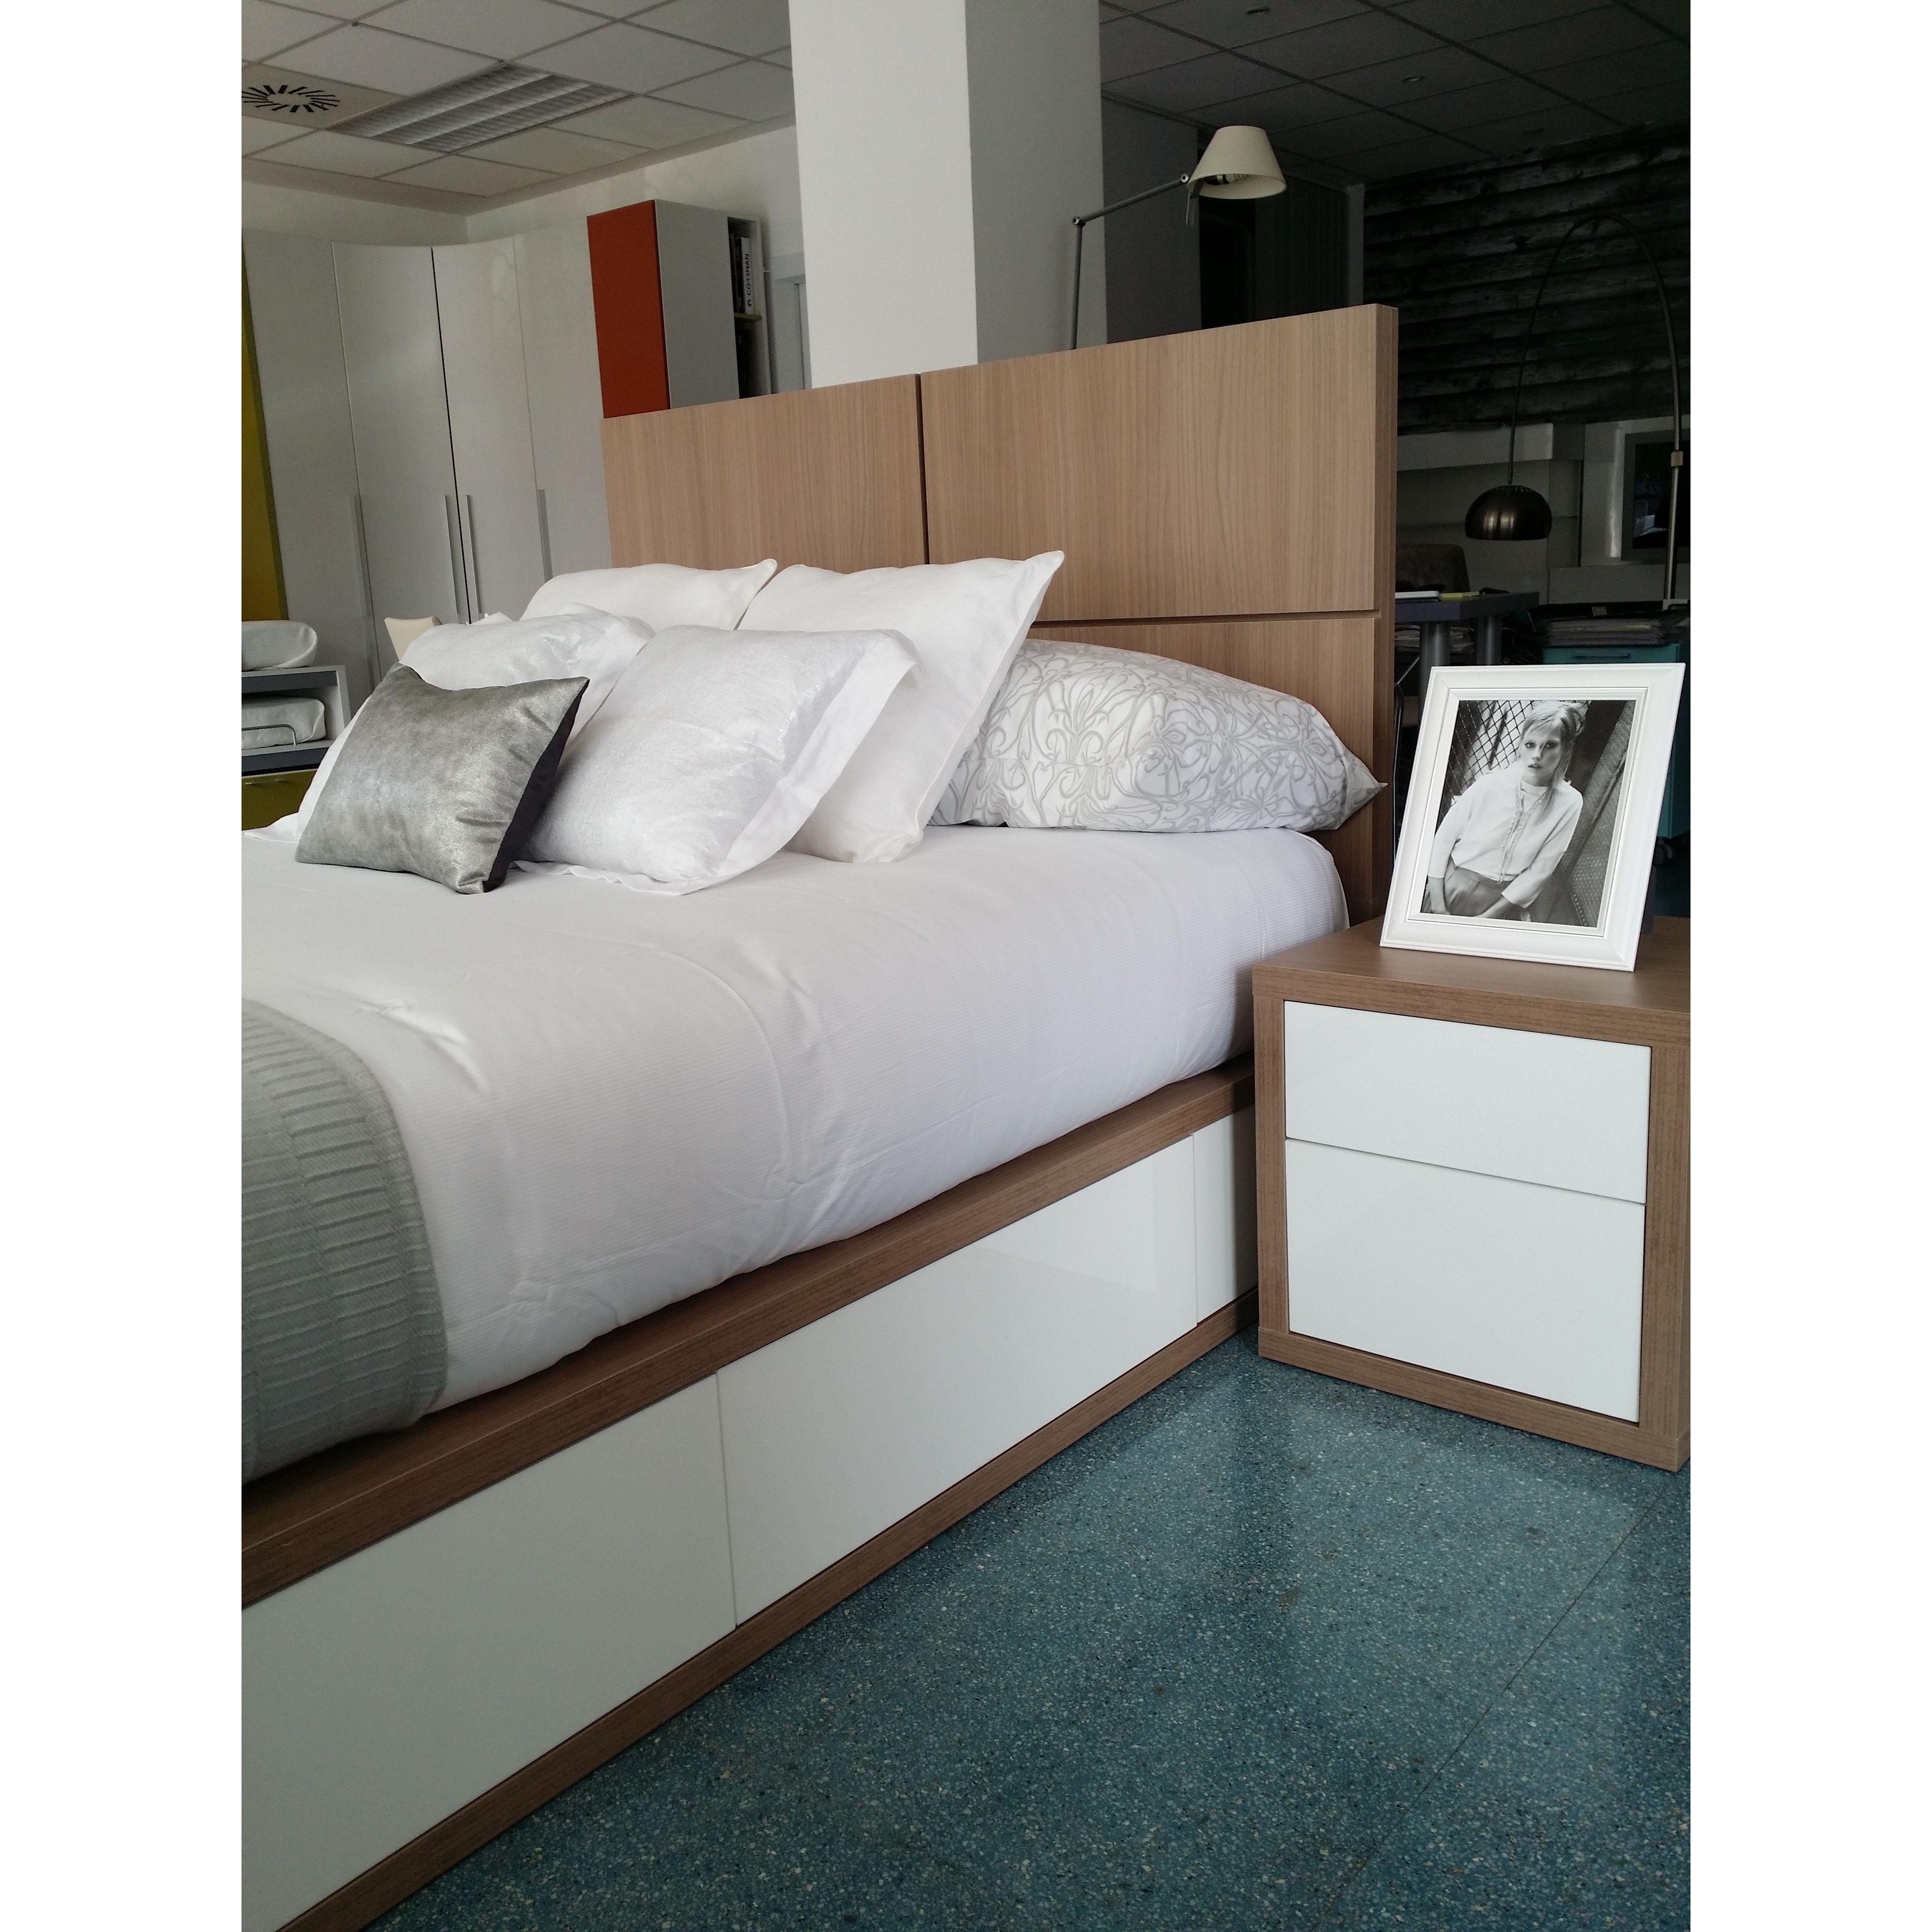 nueva exposición dormitorio de matrimonio moderno de diseño a